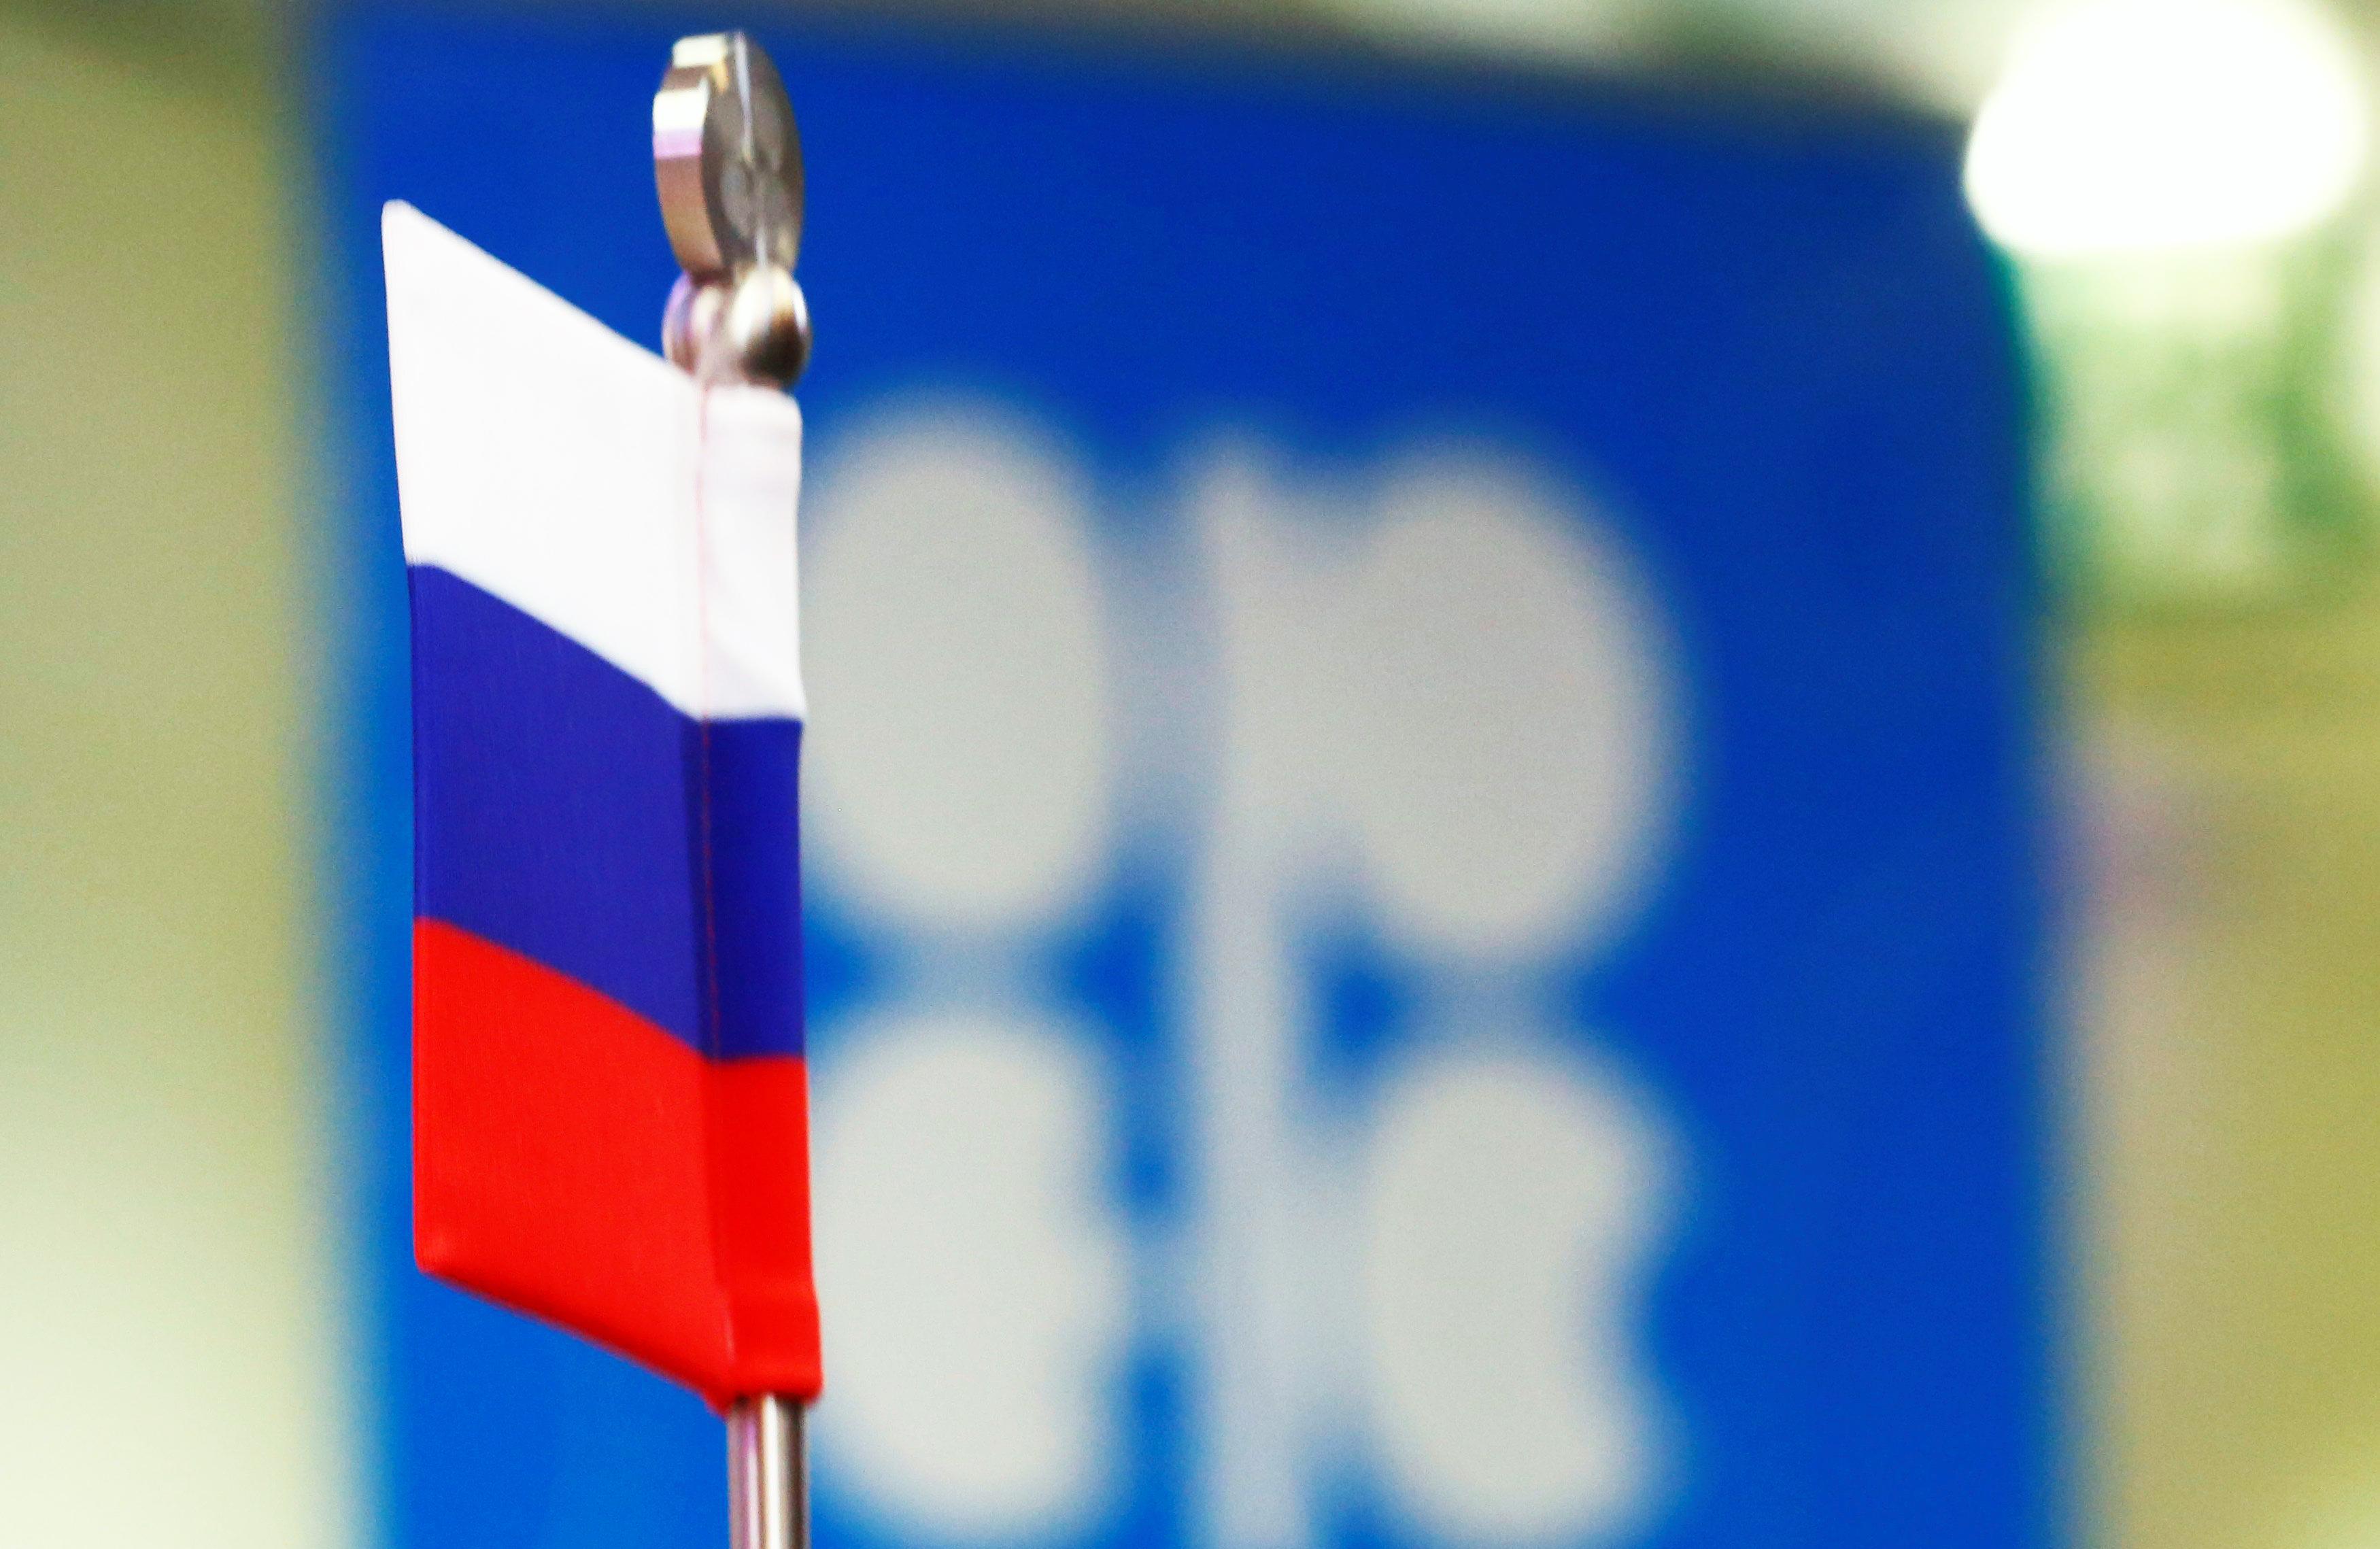 ОПЕК и РФ могут продлить соглашение о сокращении добычи нефти